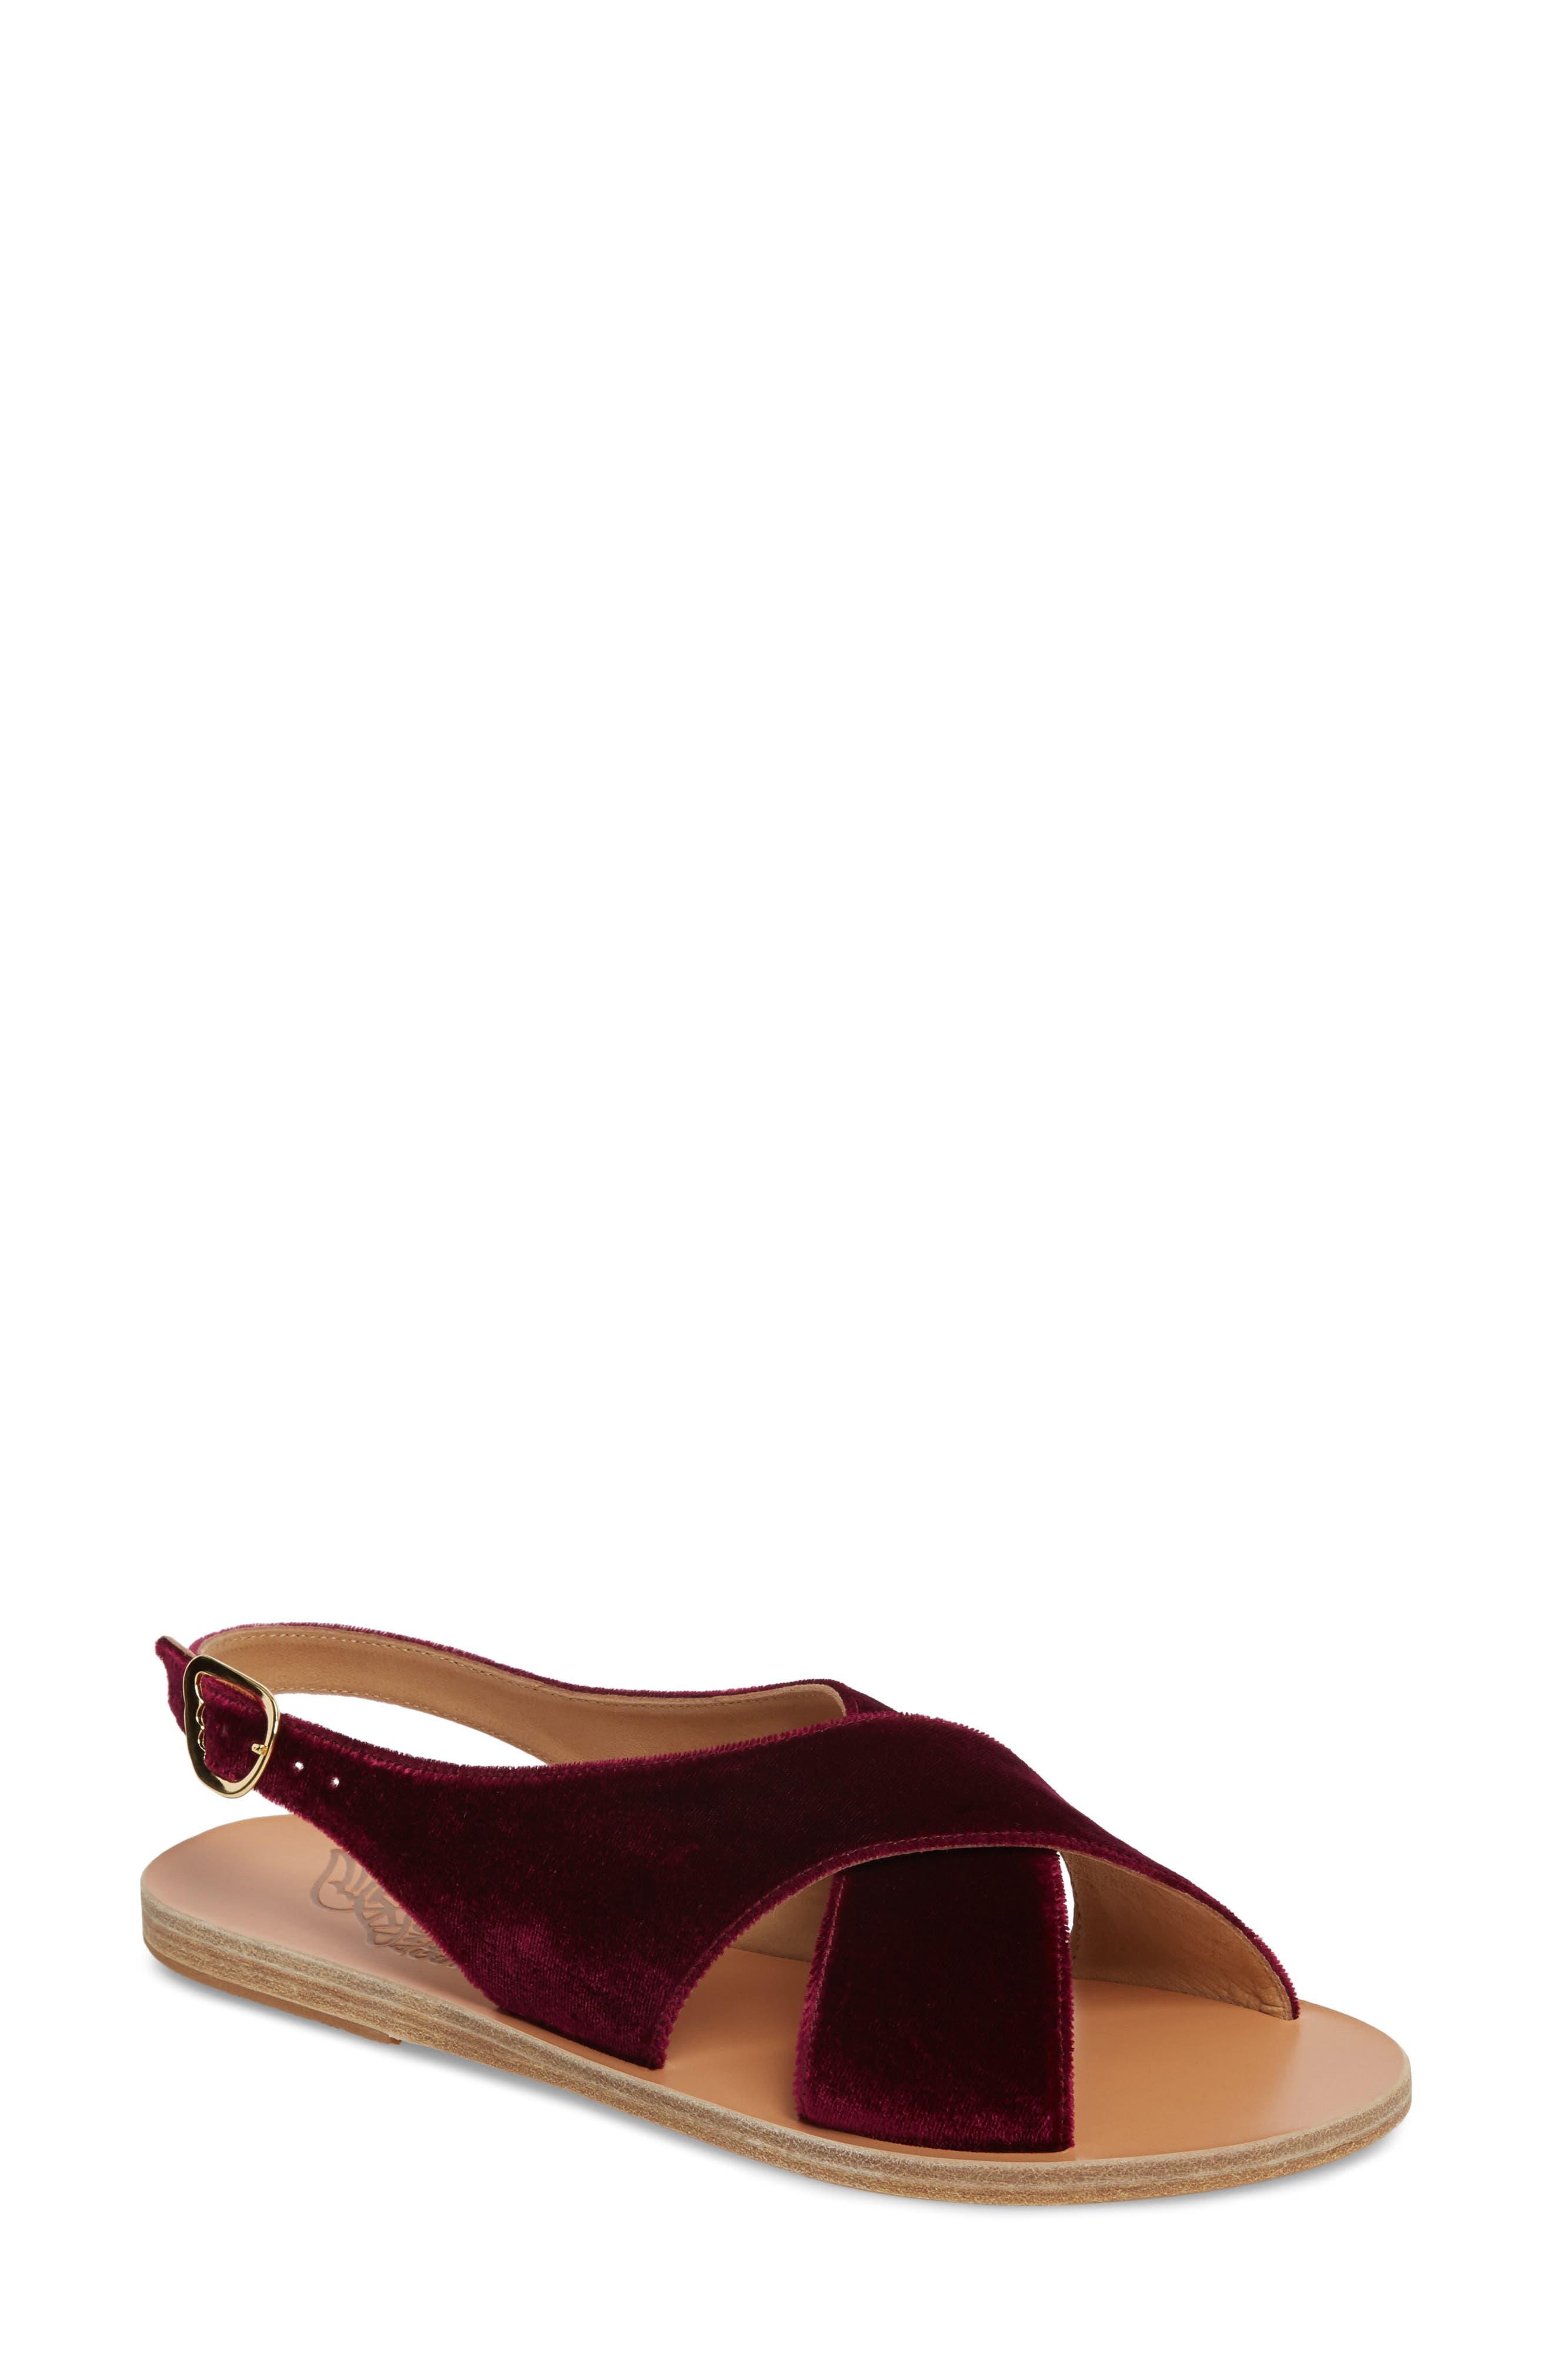 Maria Sandal,                             Main thumbnail 1, color,                             Burgundy Velvet